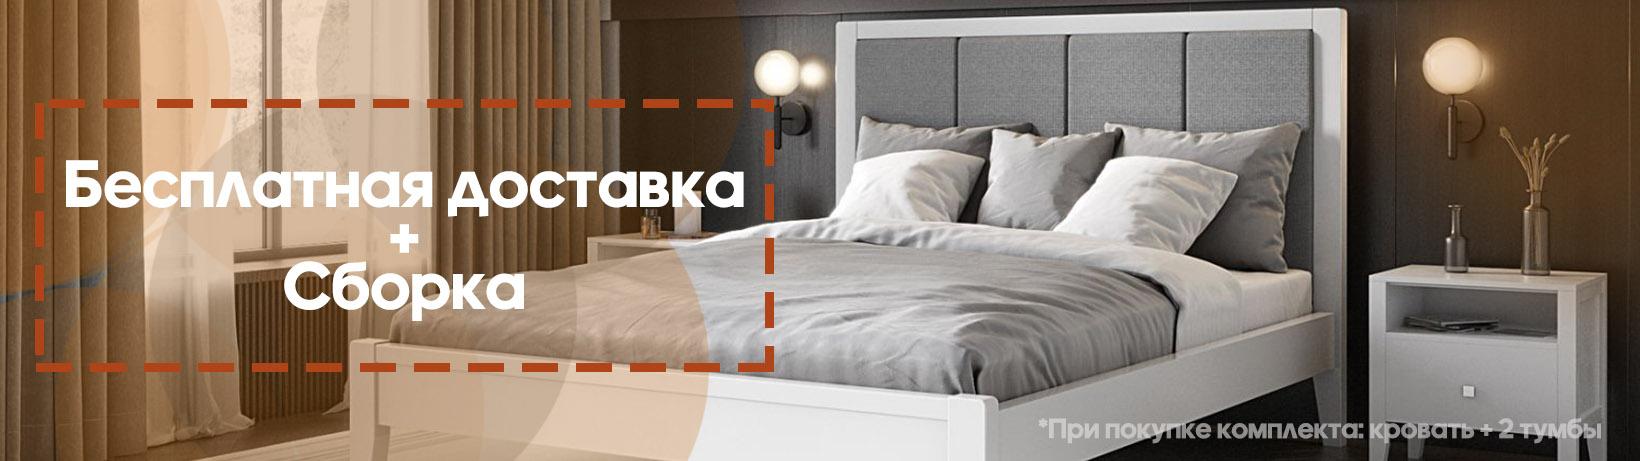 Скидка при покупке кровать + 2 тумбы